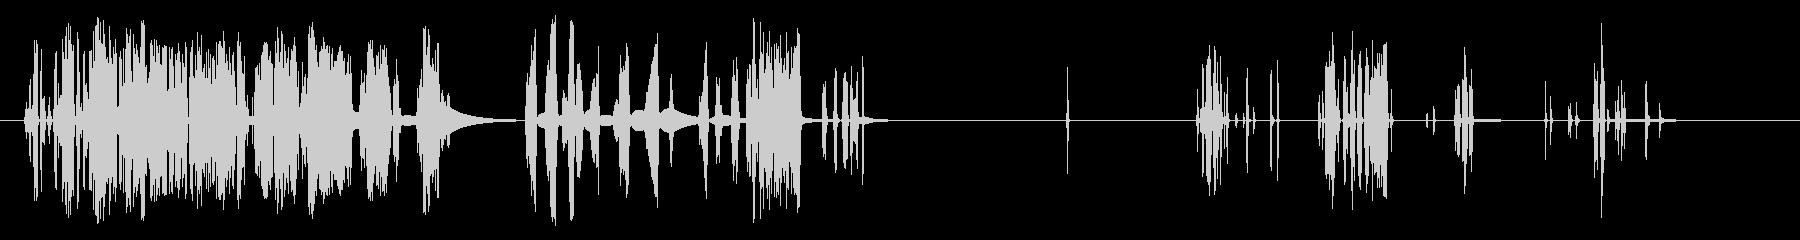 グリッティスタティックバースト3の未再生の波形